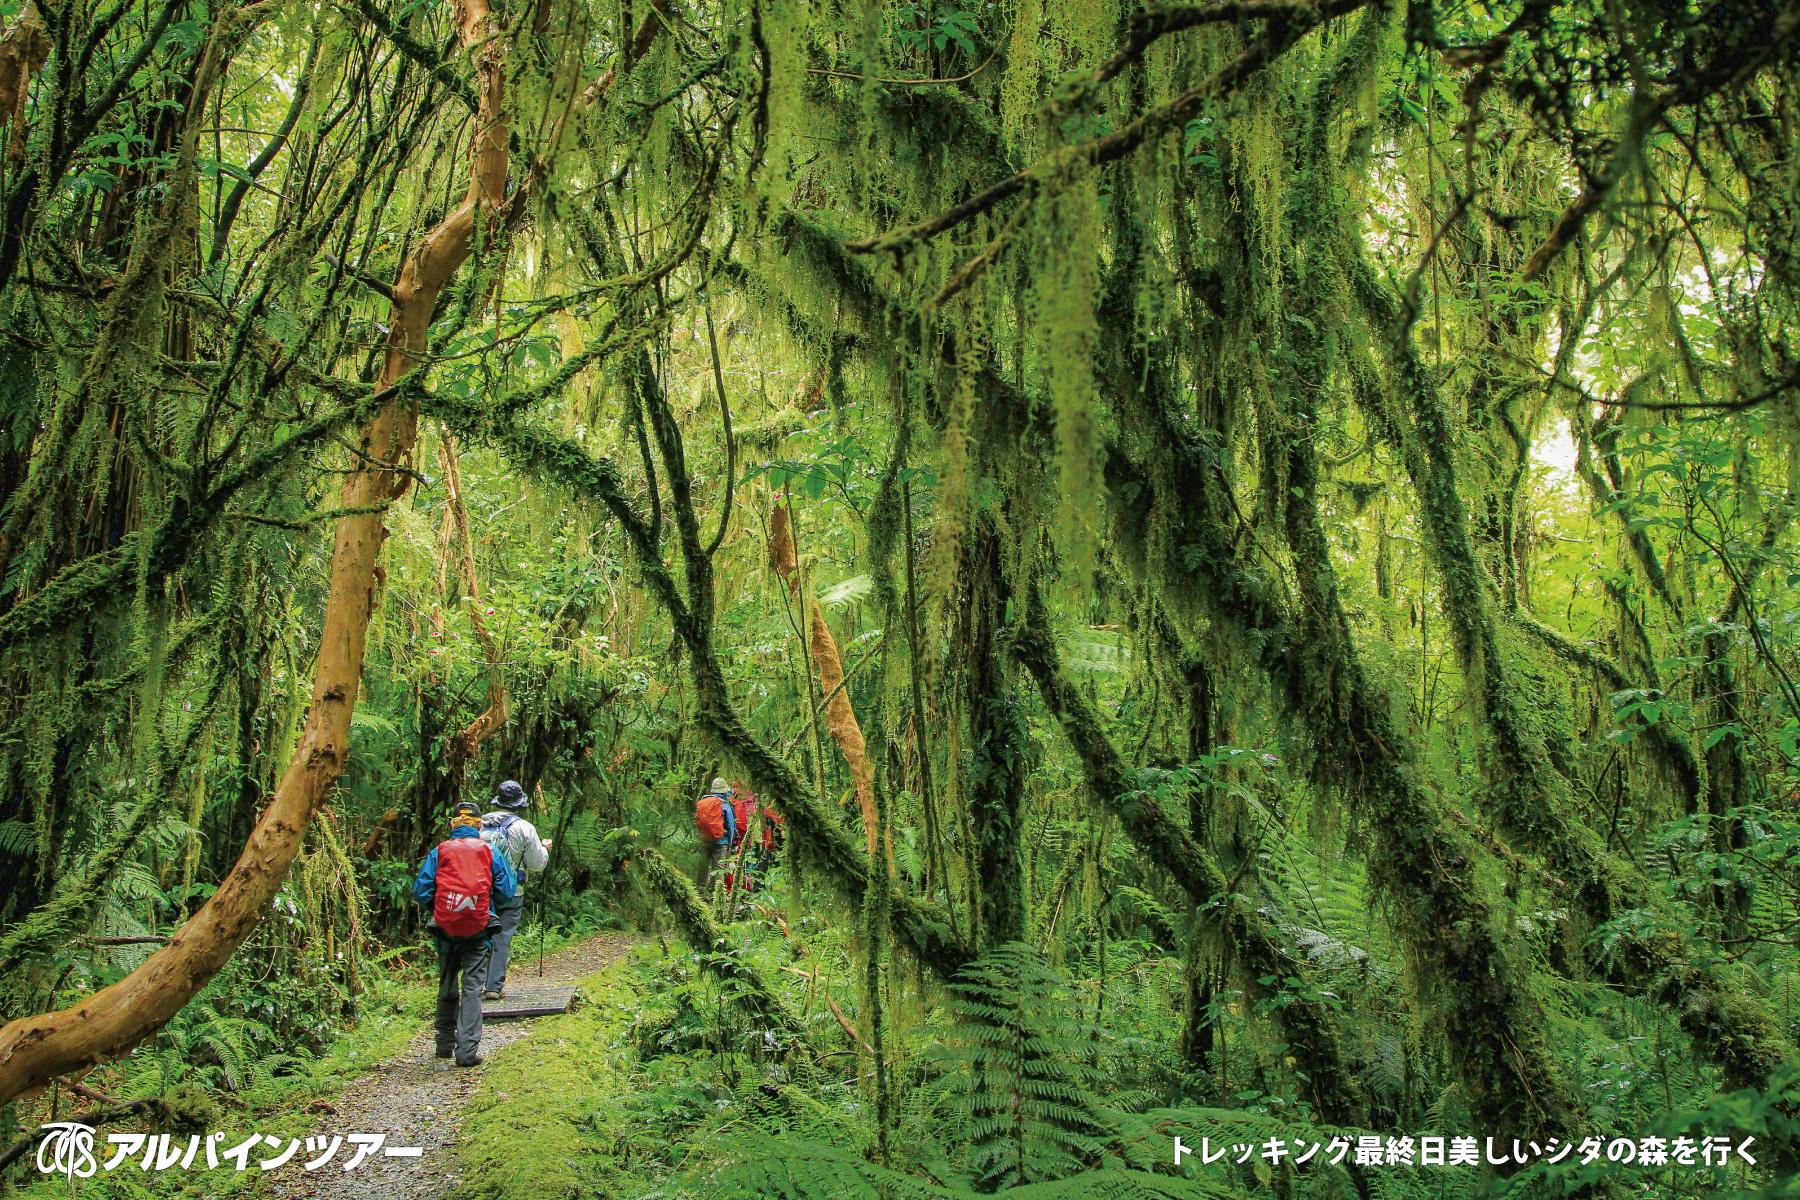 【エリア紹介】 美しい緑の森と圏谷を歩くミルフォード・トラック